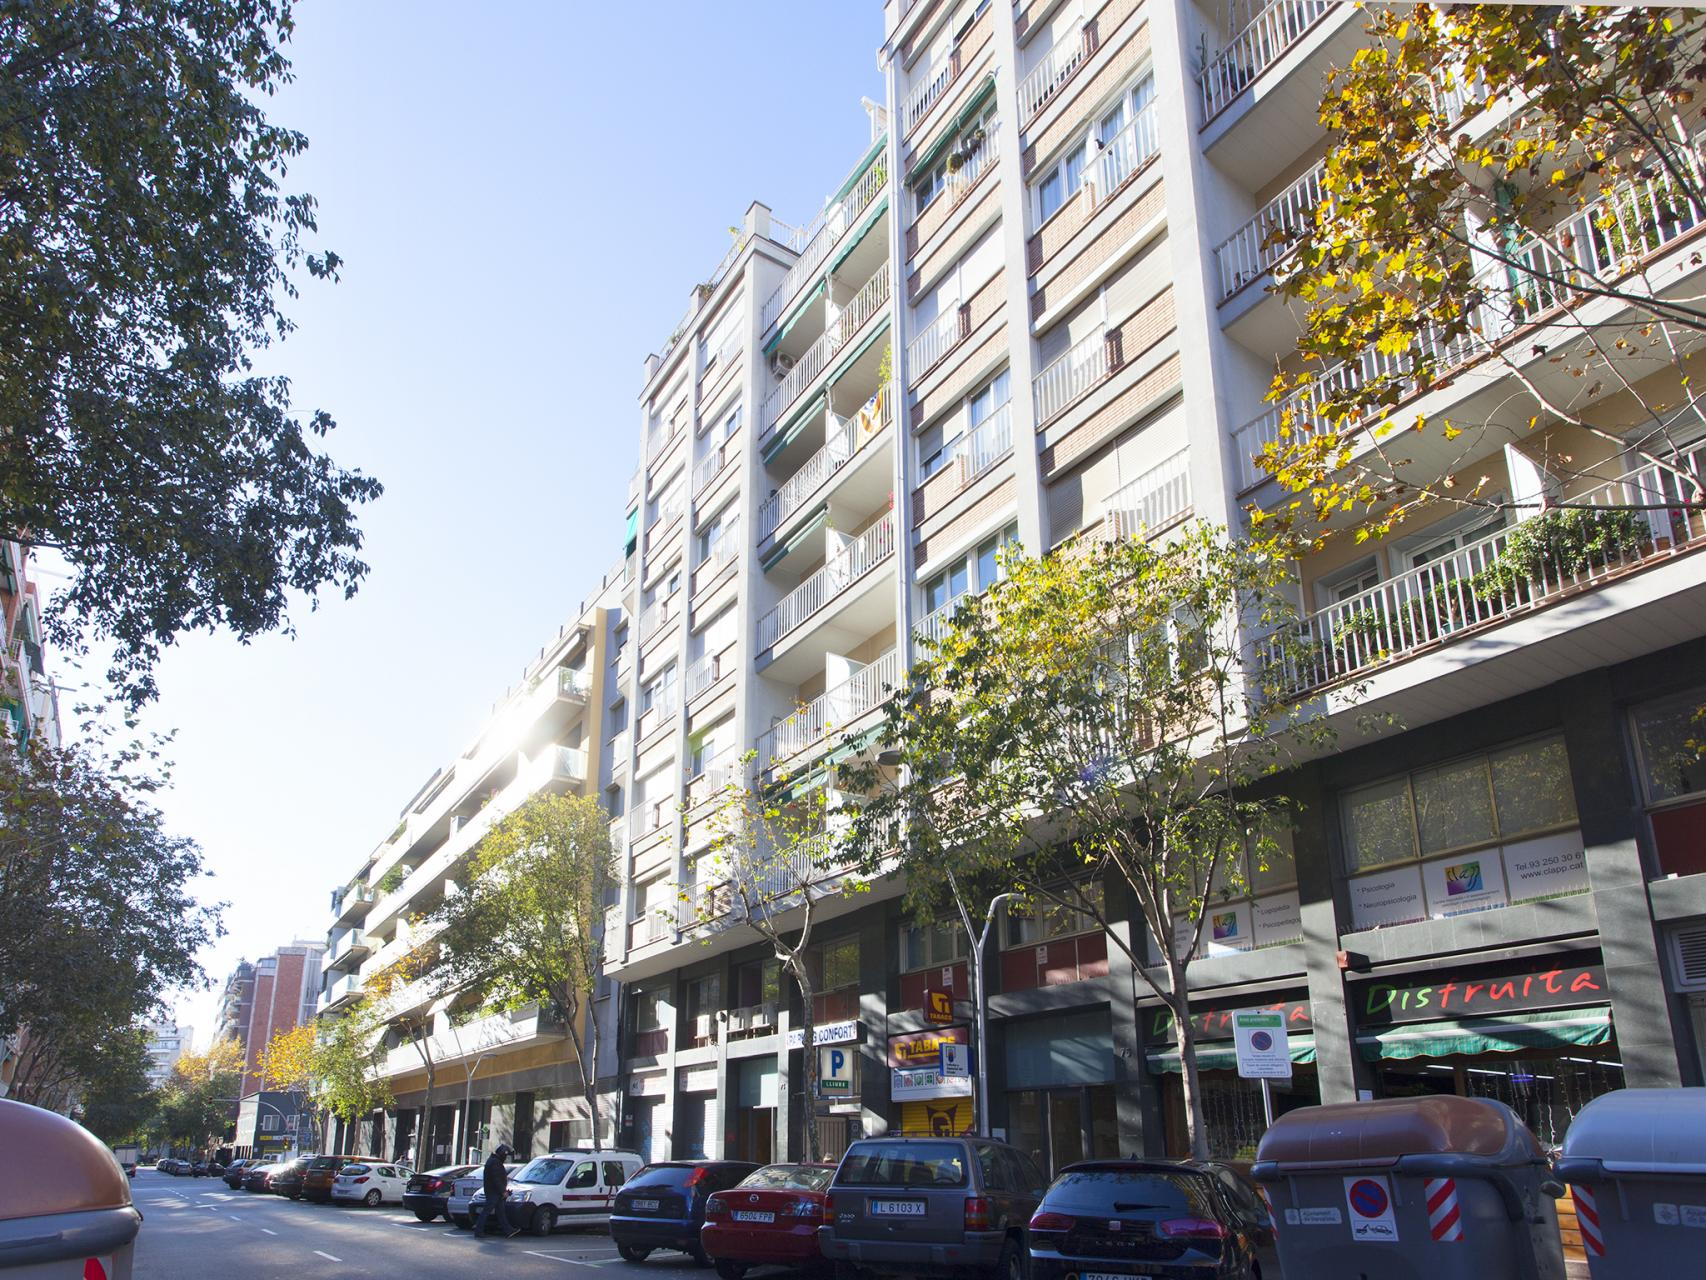 Shbarcelona apartamento vacaciones corsega rocafort - Apartamentos vacaciones barcelona ...